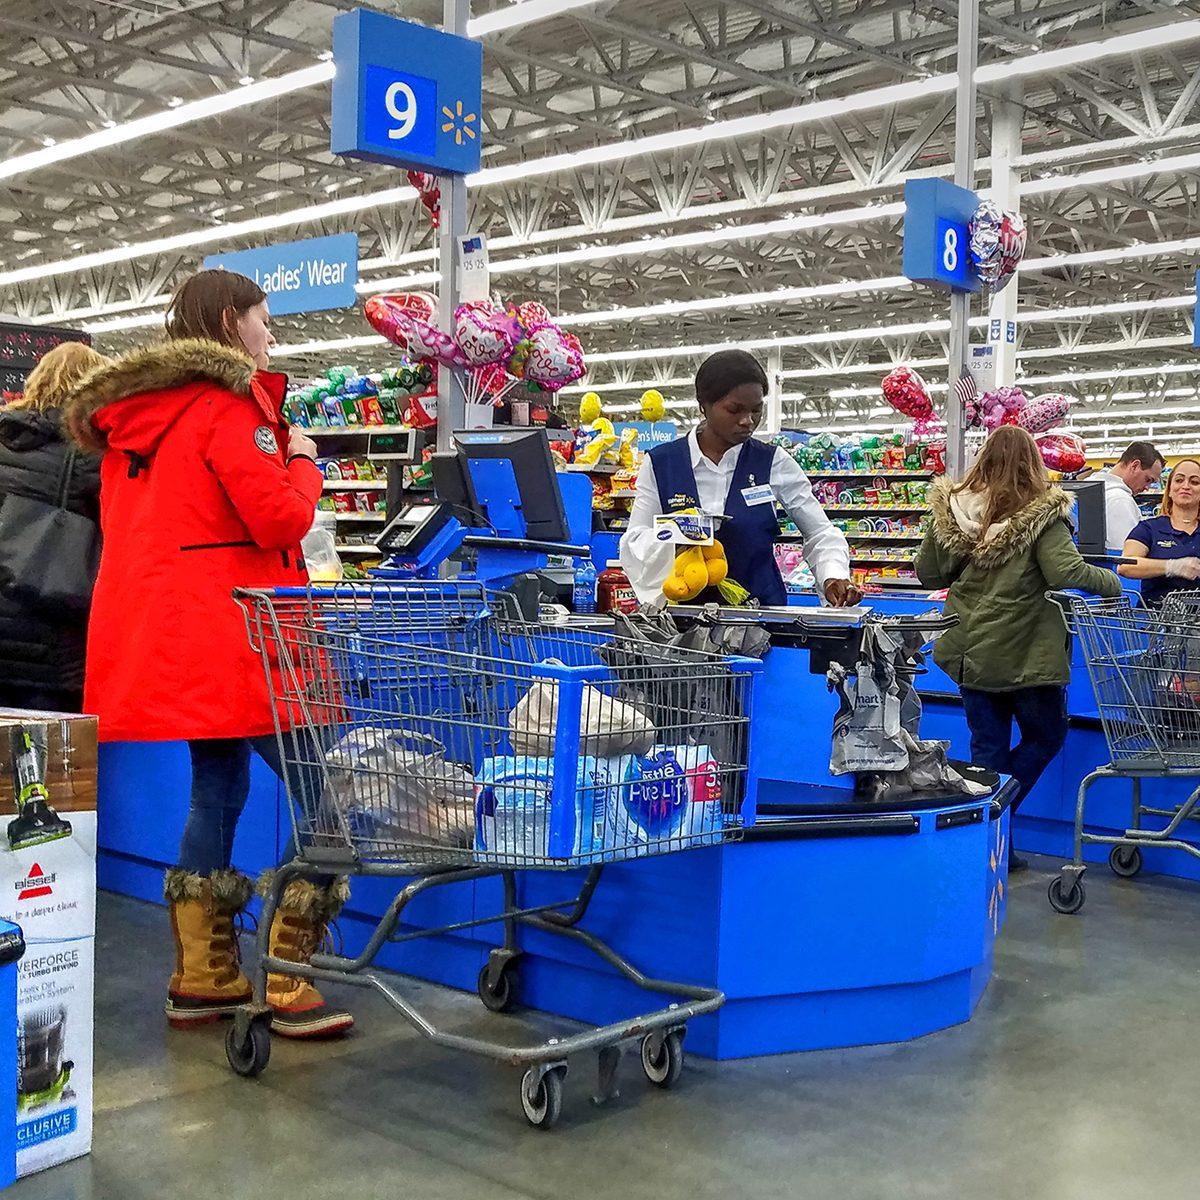 10 Walmart Secrets You Won't Hear from Employees | Taste of Home